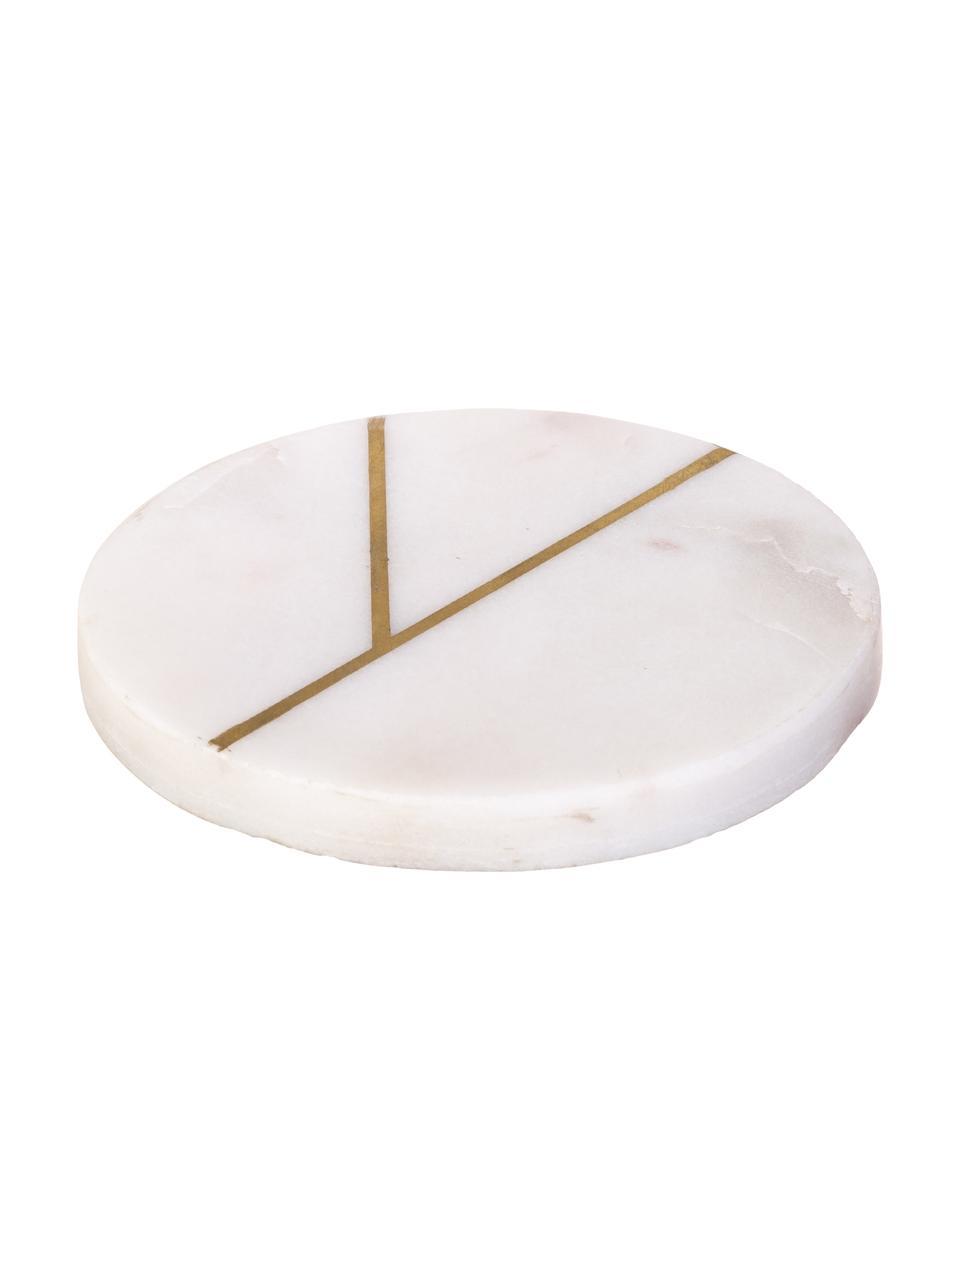 Marmor-Untersetzer Marek mit goldenen Details, 4 Stück, Marmor, Weiß marmoriert, Goldfarben, Ø 10 x H 1 cm